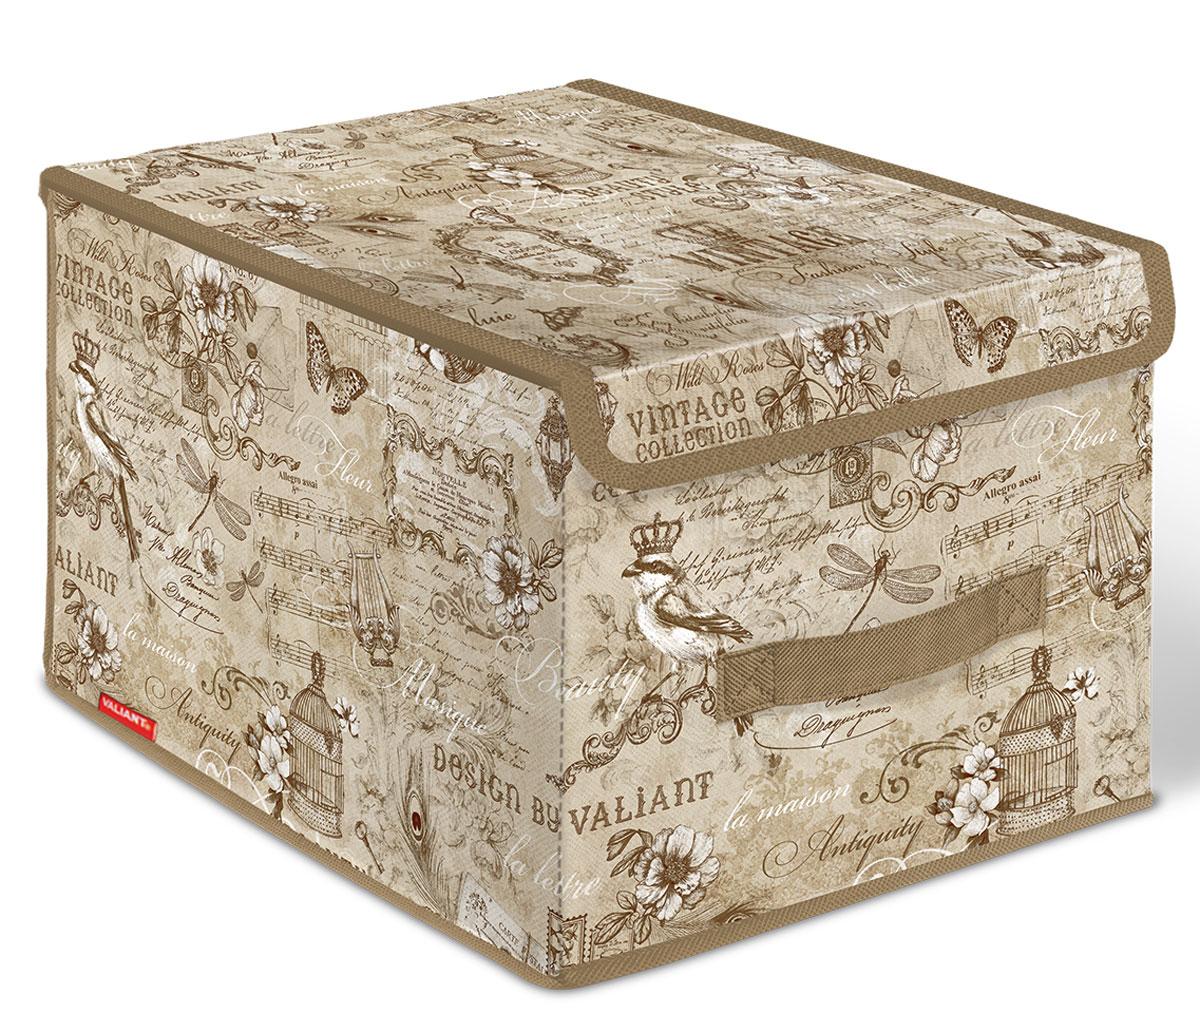 Короб стеллажный Valiant Vintage, с крышкой, 30 x 40 x 25 смVN-BOX-LMСтеллажный короб Valiant Vintage изготовлен из высококачественного нетканого материала, который обеспечивает естественную вентиляцию, позволяя воздуху проникать внутрь, но не пропускает пыль. Вставки из плотного картона хорошо держат форму. Короб снабжен специальной крышкой, которая фиксируется с помощью двух магнитов. Изделие отличается мобильностью: легко раскладывается и складывается. В таком коробе удобно хранить одежду, белье и мелкие аксессуары. Системы хранения в едином дизайне сделают вашу гардеробную изысканной и невероятно стильной.